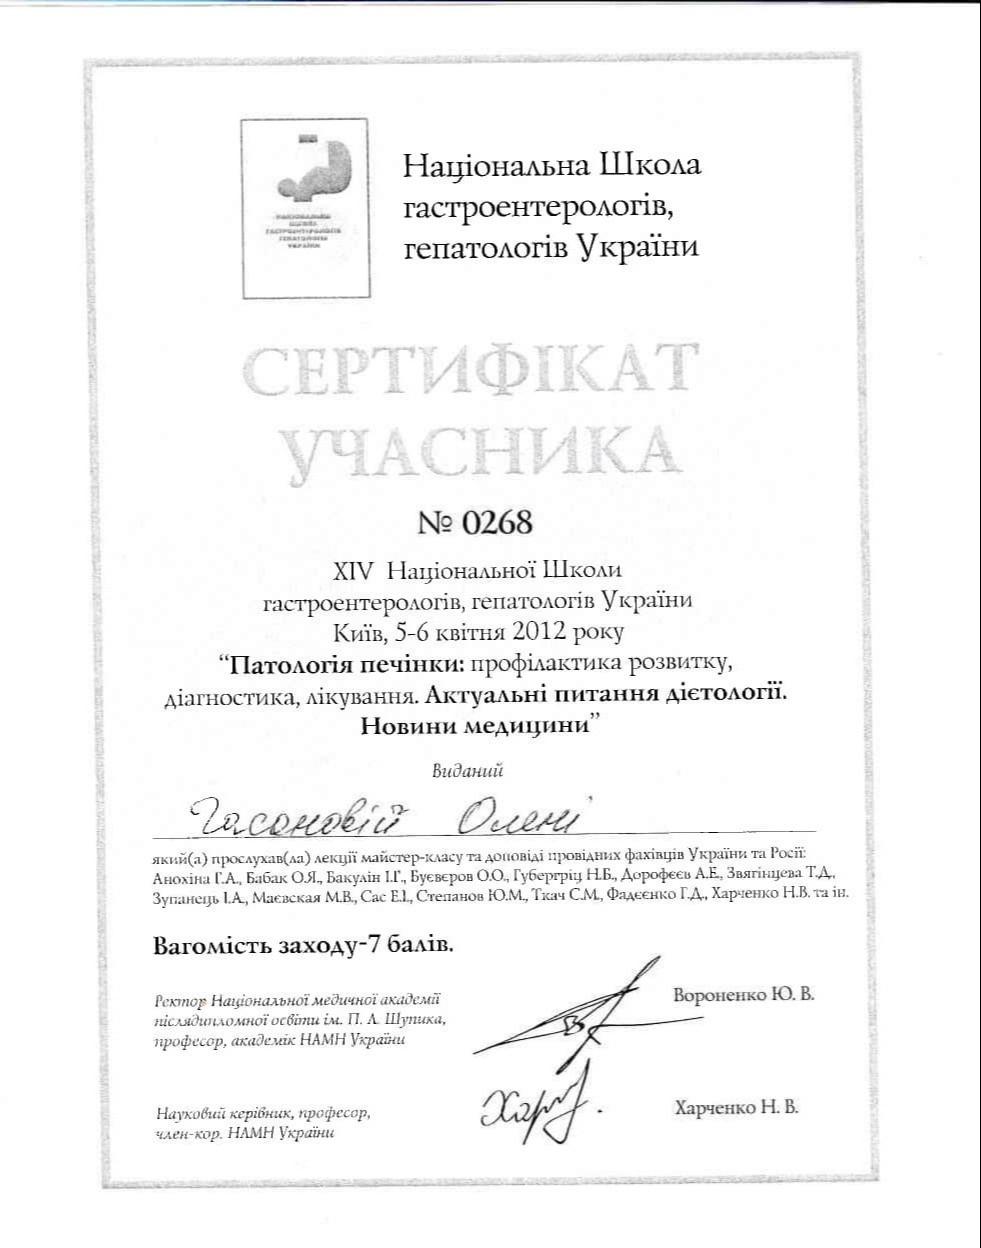 Сертификат об участии в ХІV Национальной школы гастроэнтерологов, гепатологов Украины